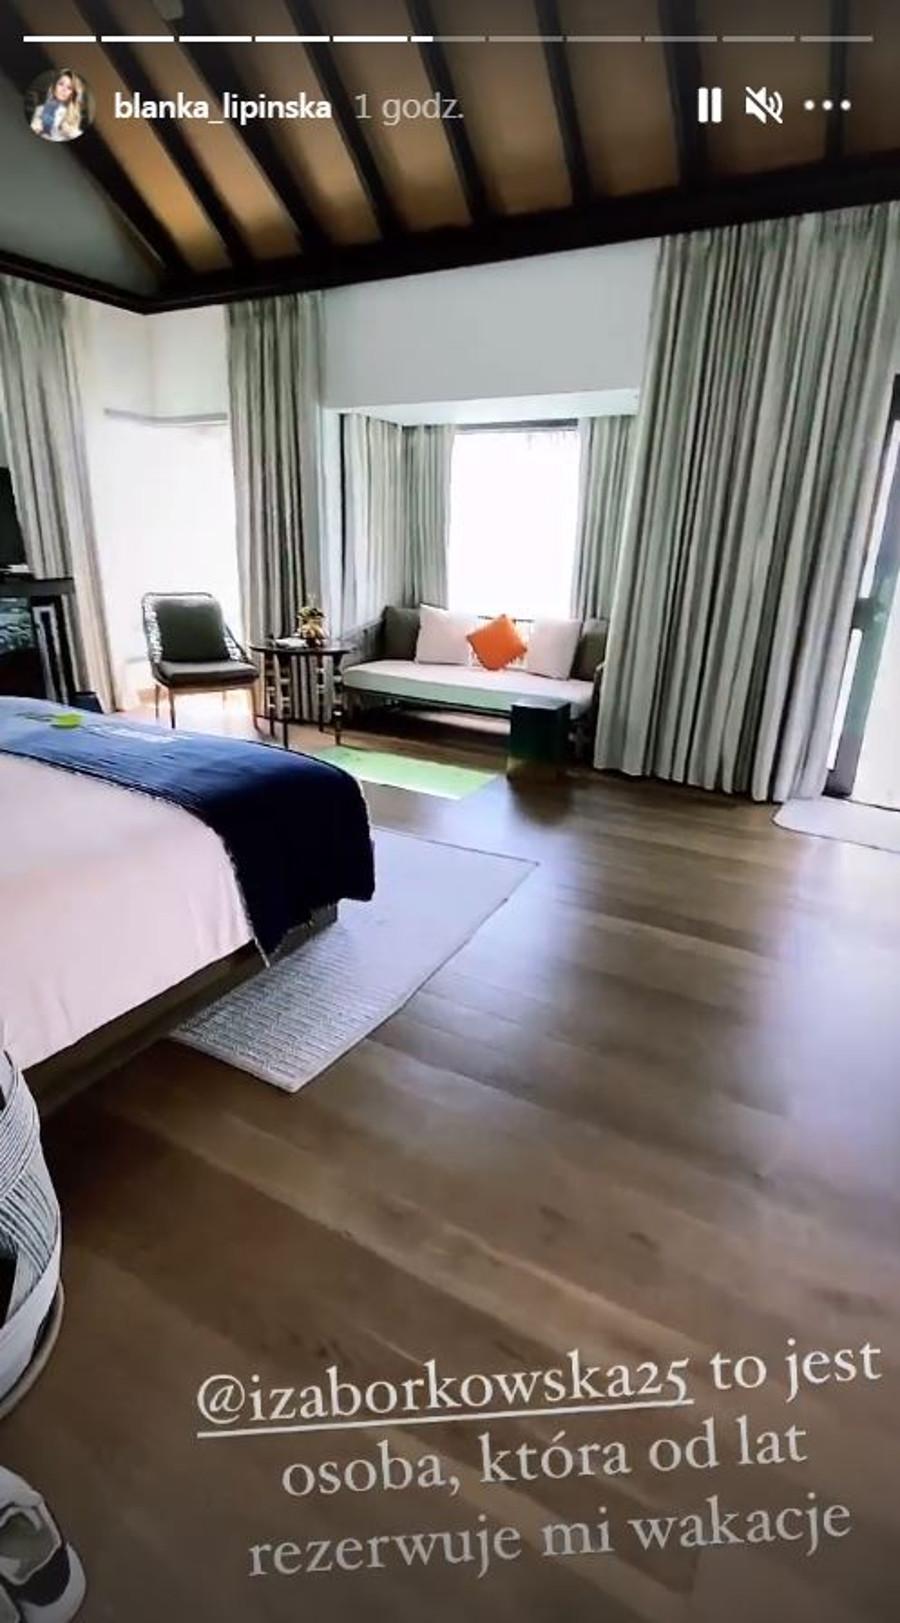 Blanka Lipińska pokazała luksusowy apartament na Malediwach.